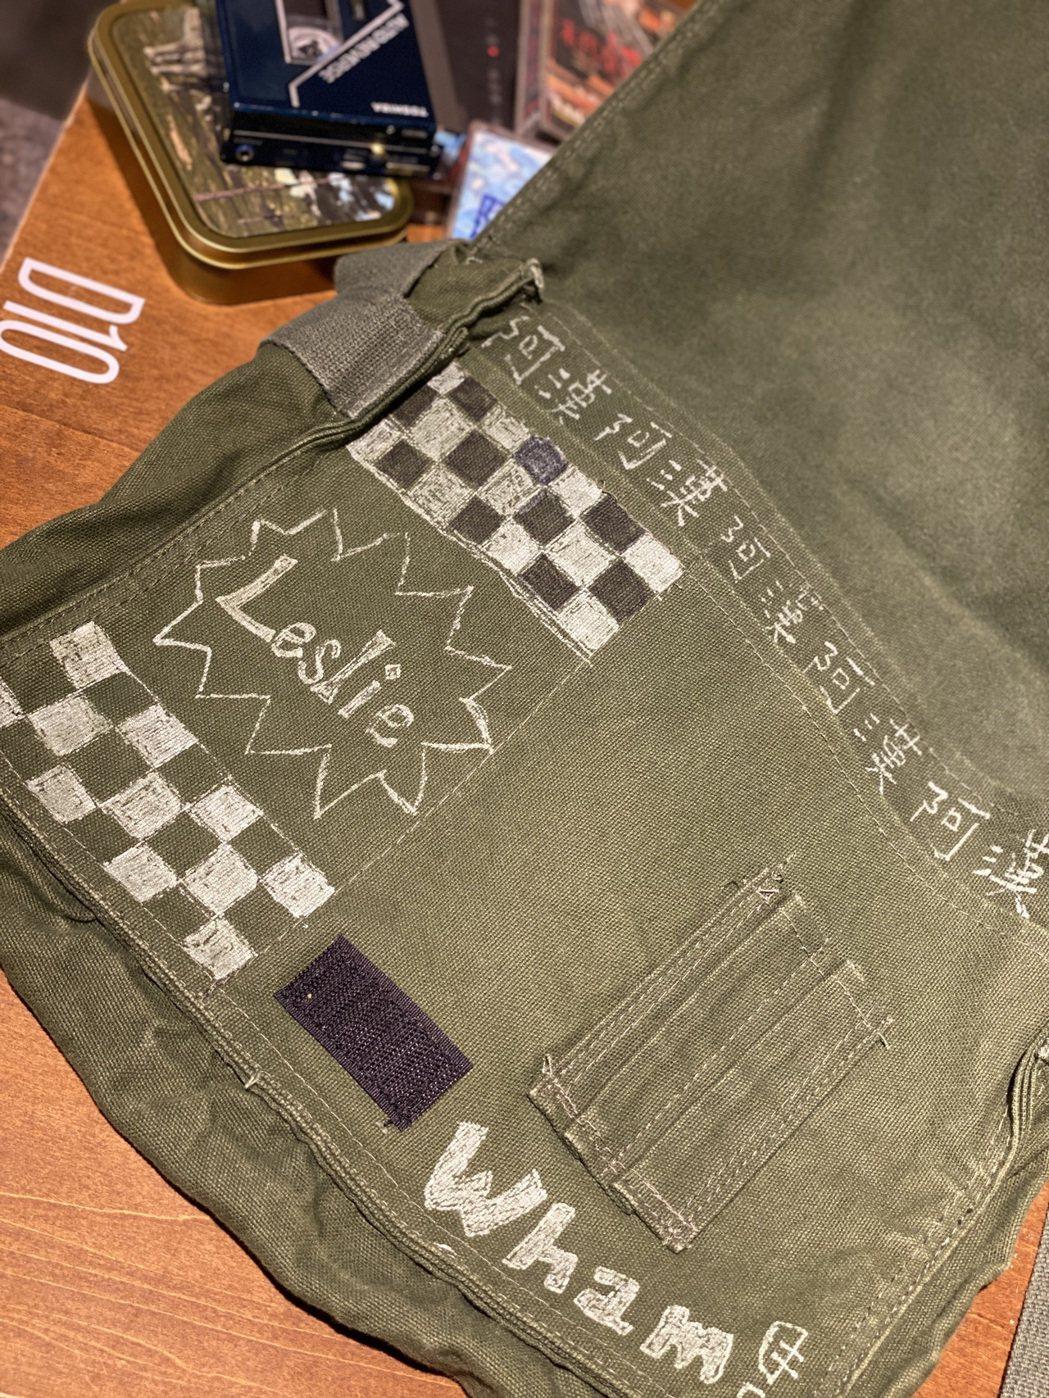 書包內裡也有演員自己的塗鴉。 圖/吳曉涵攝影